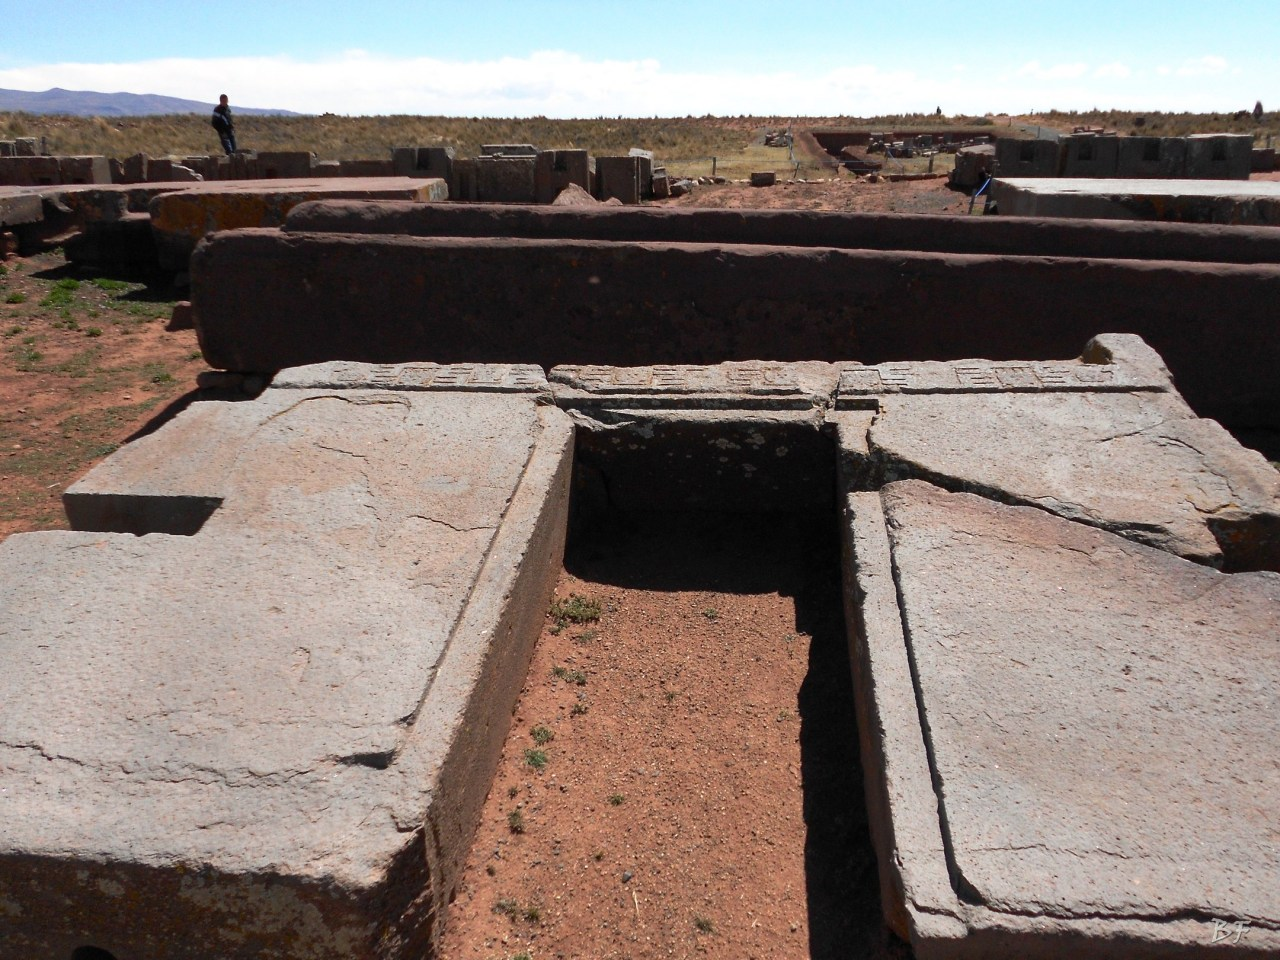 Puma-Punku-Area-Megalitica-Mura-Poligonali-Megaliti-Tiwanaku-Tiahuanaco-Bolivia-45